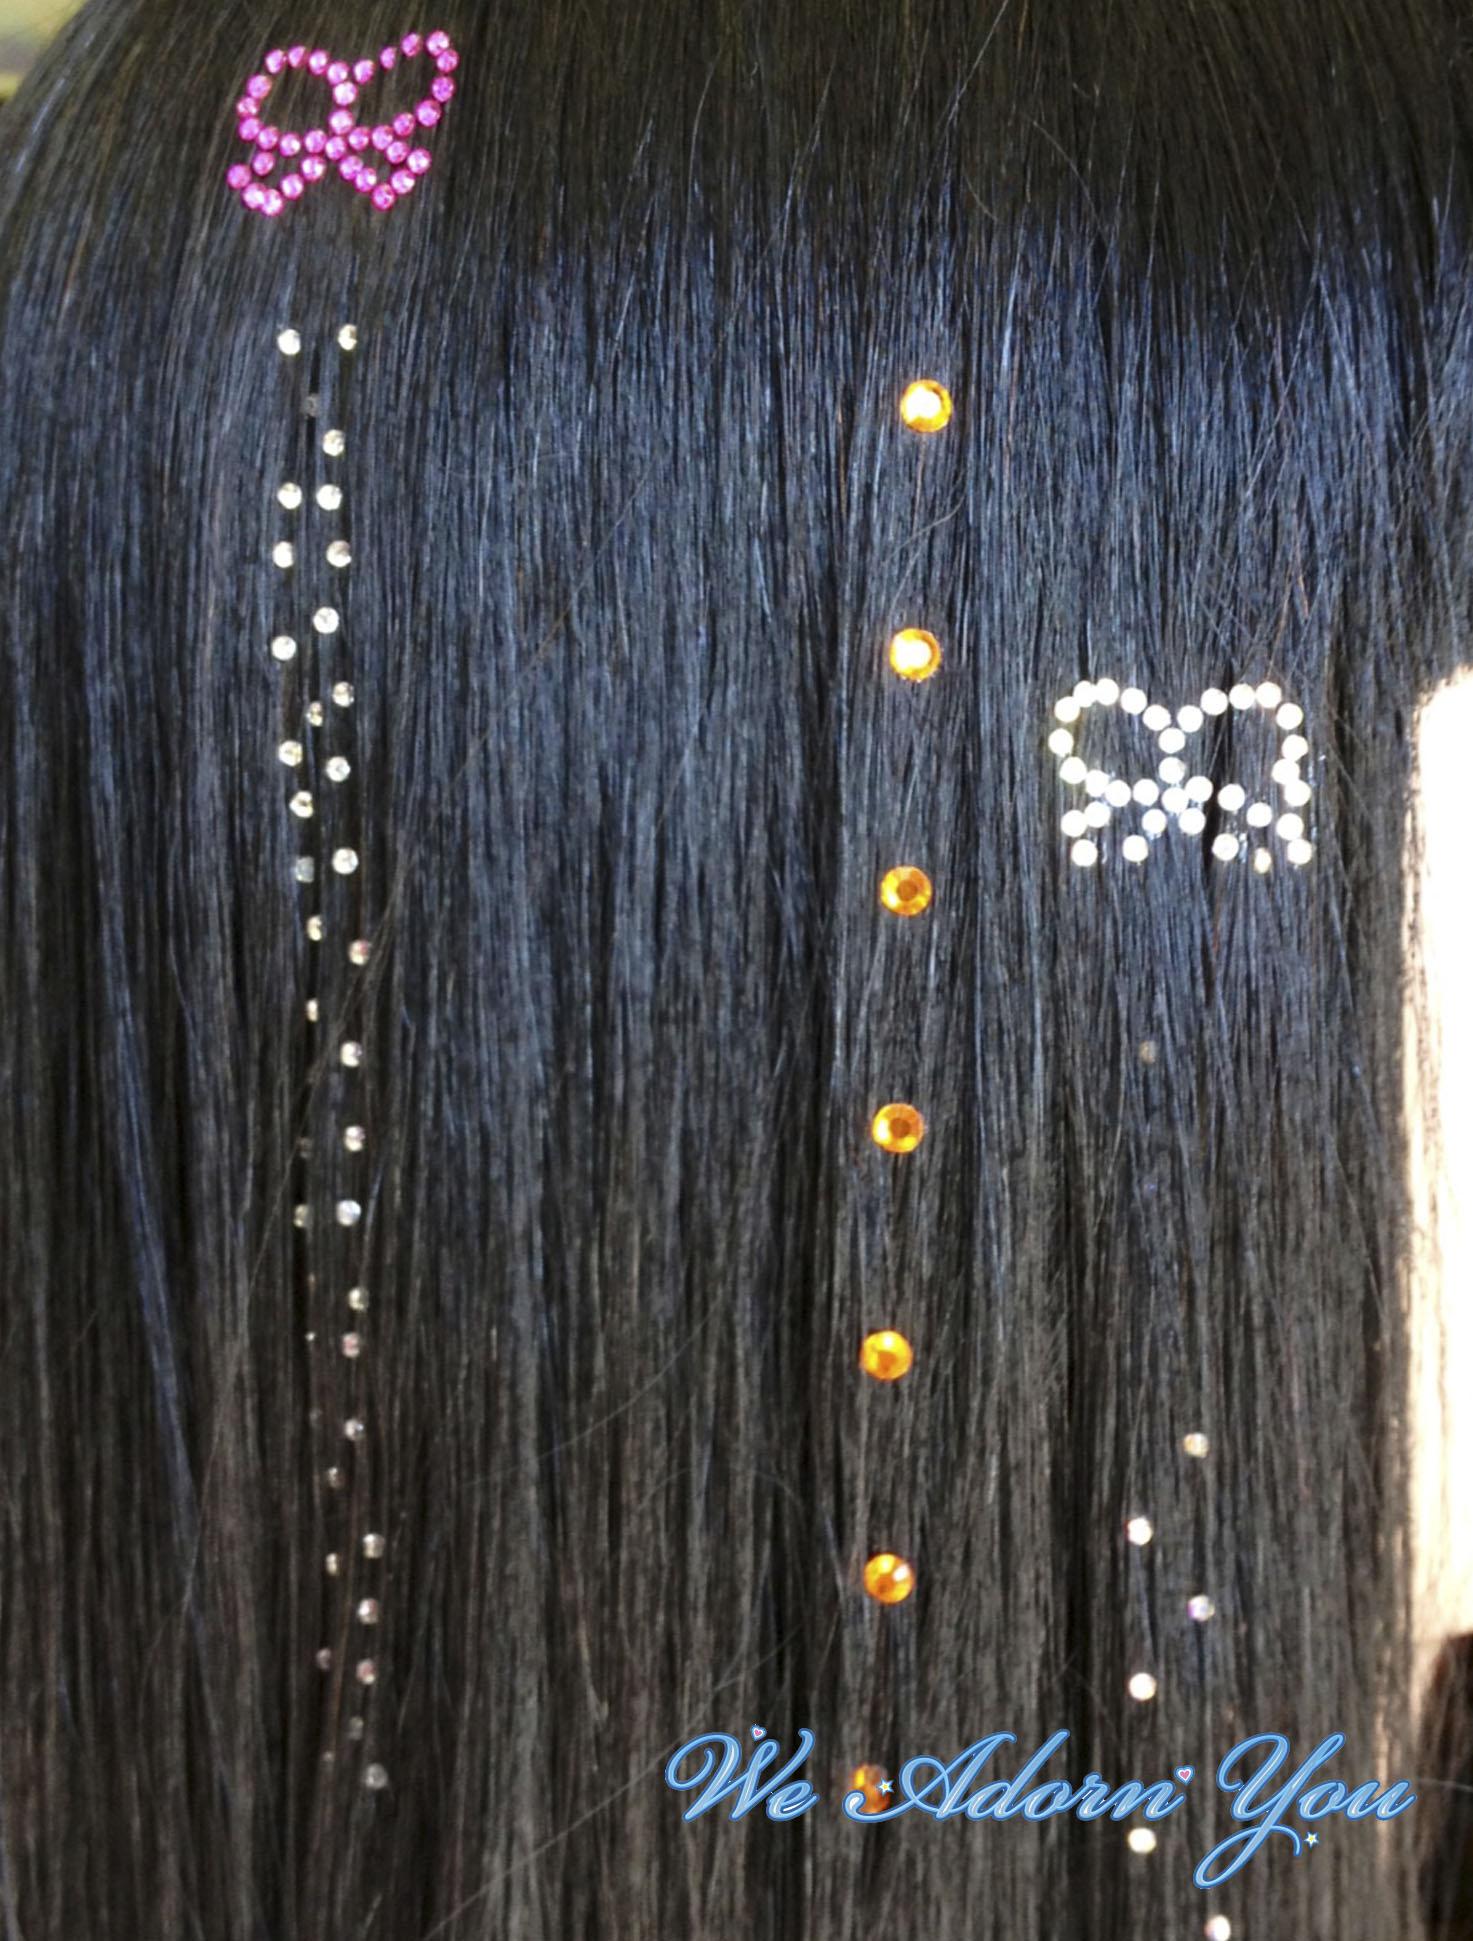 Hair Crystal Bow- We Adorn You.jpg